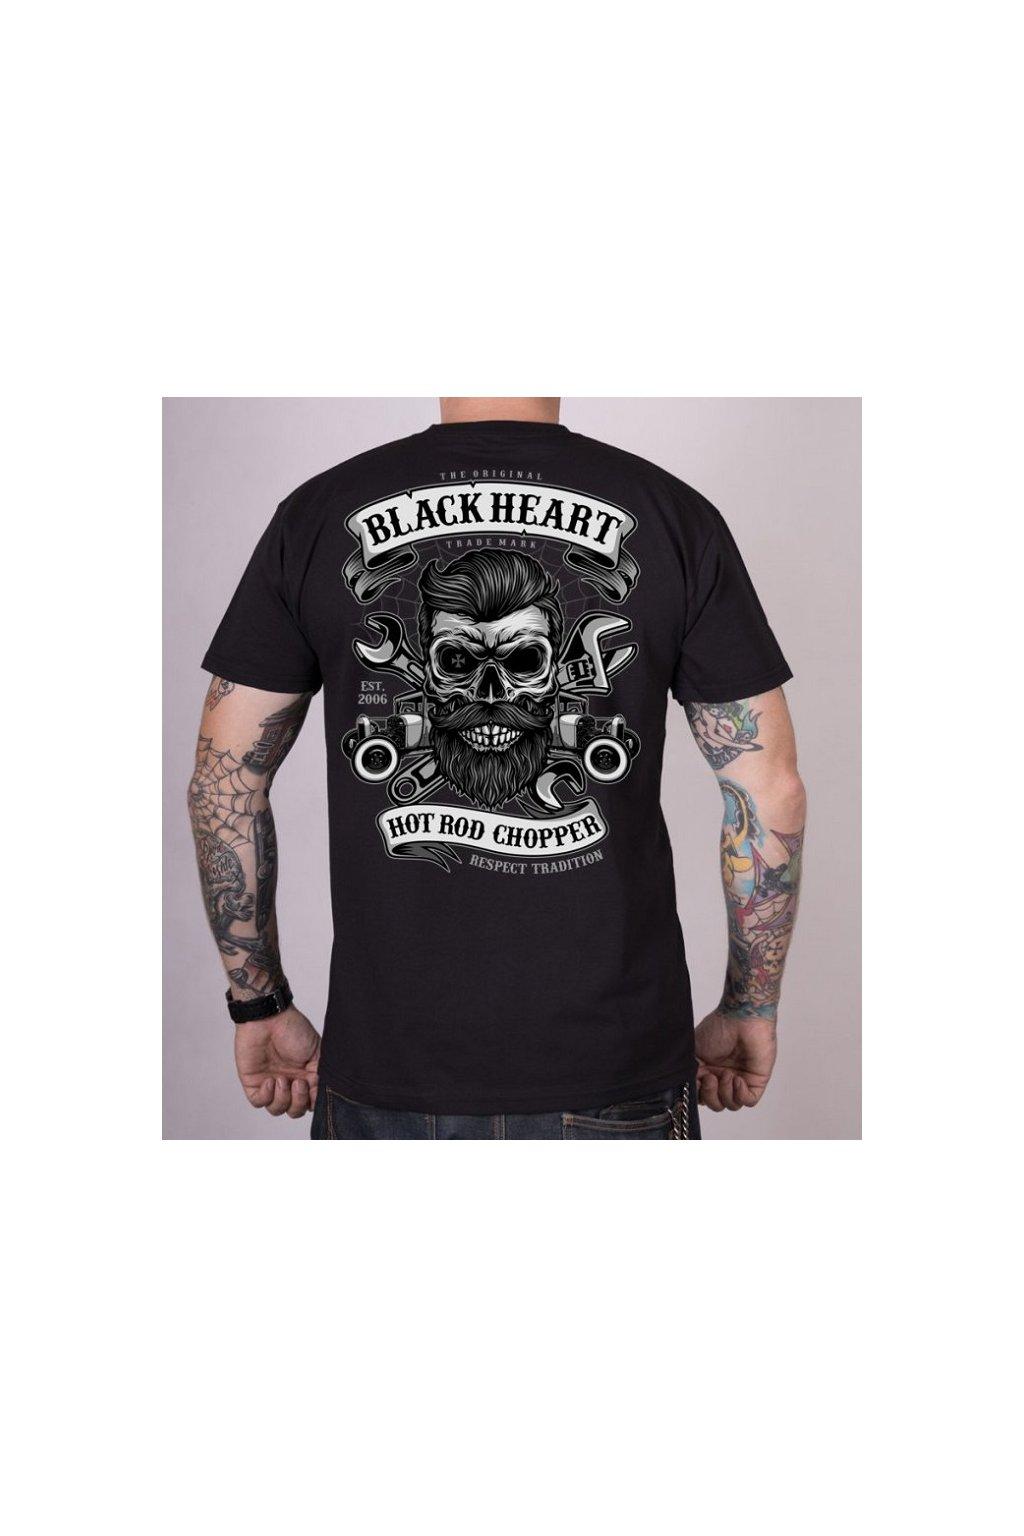 Pánské triko Black Heart Respect Tradicion přední strana